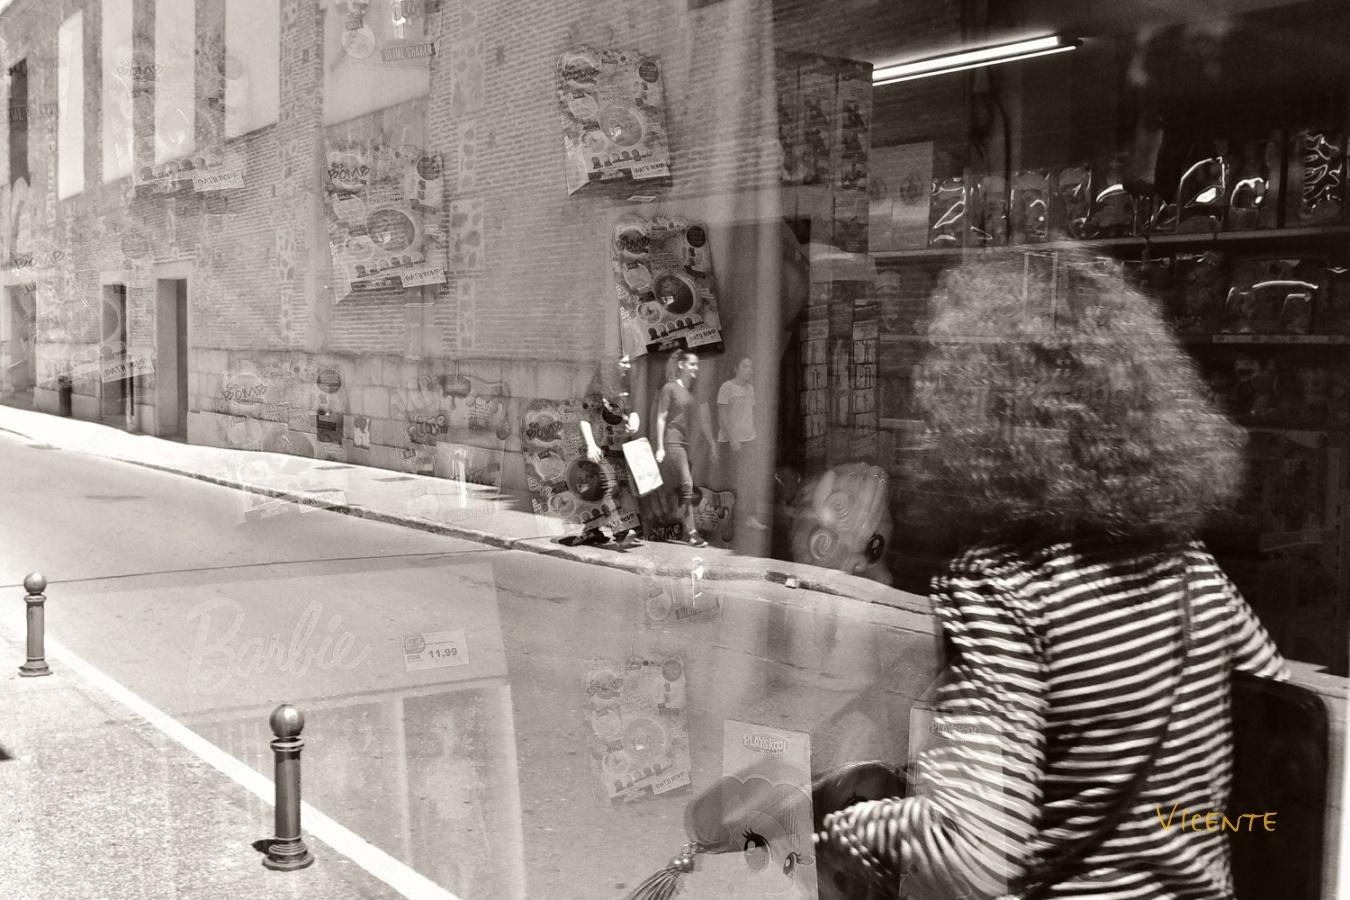 2018 05 10 Talavera, Corredera-Plaza del Reloj - Estudio Fotográfico Santabárbara, sesiones de estudio y reportajes fotográficos